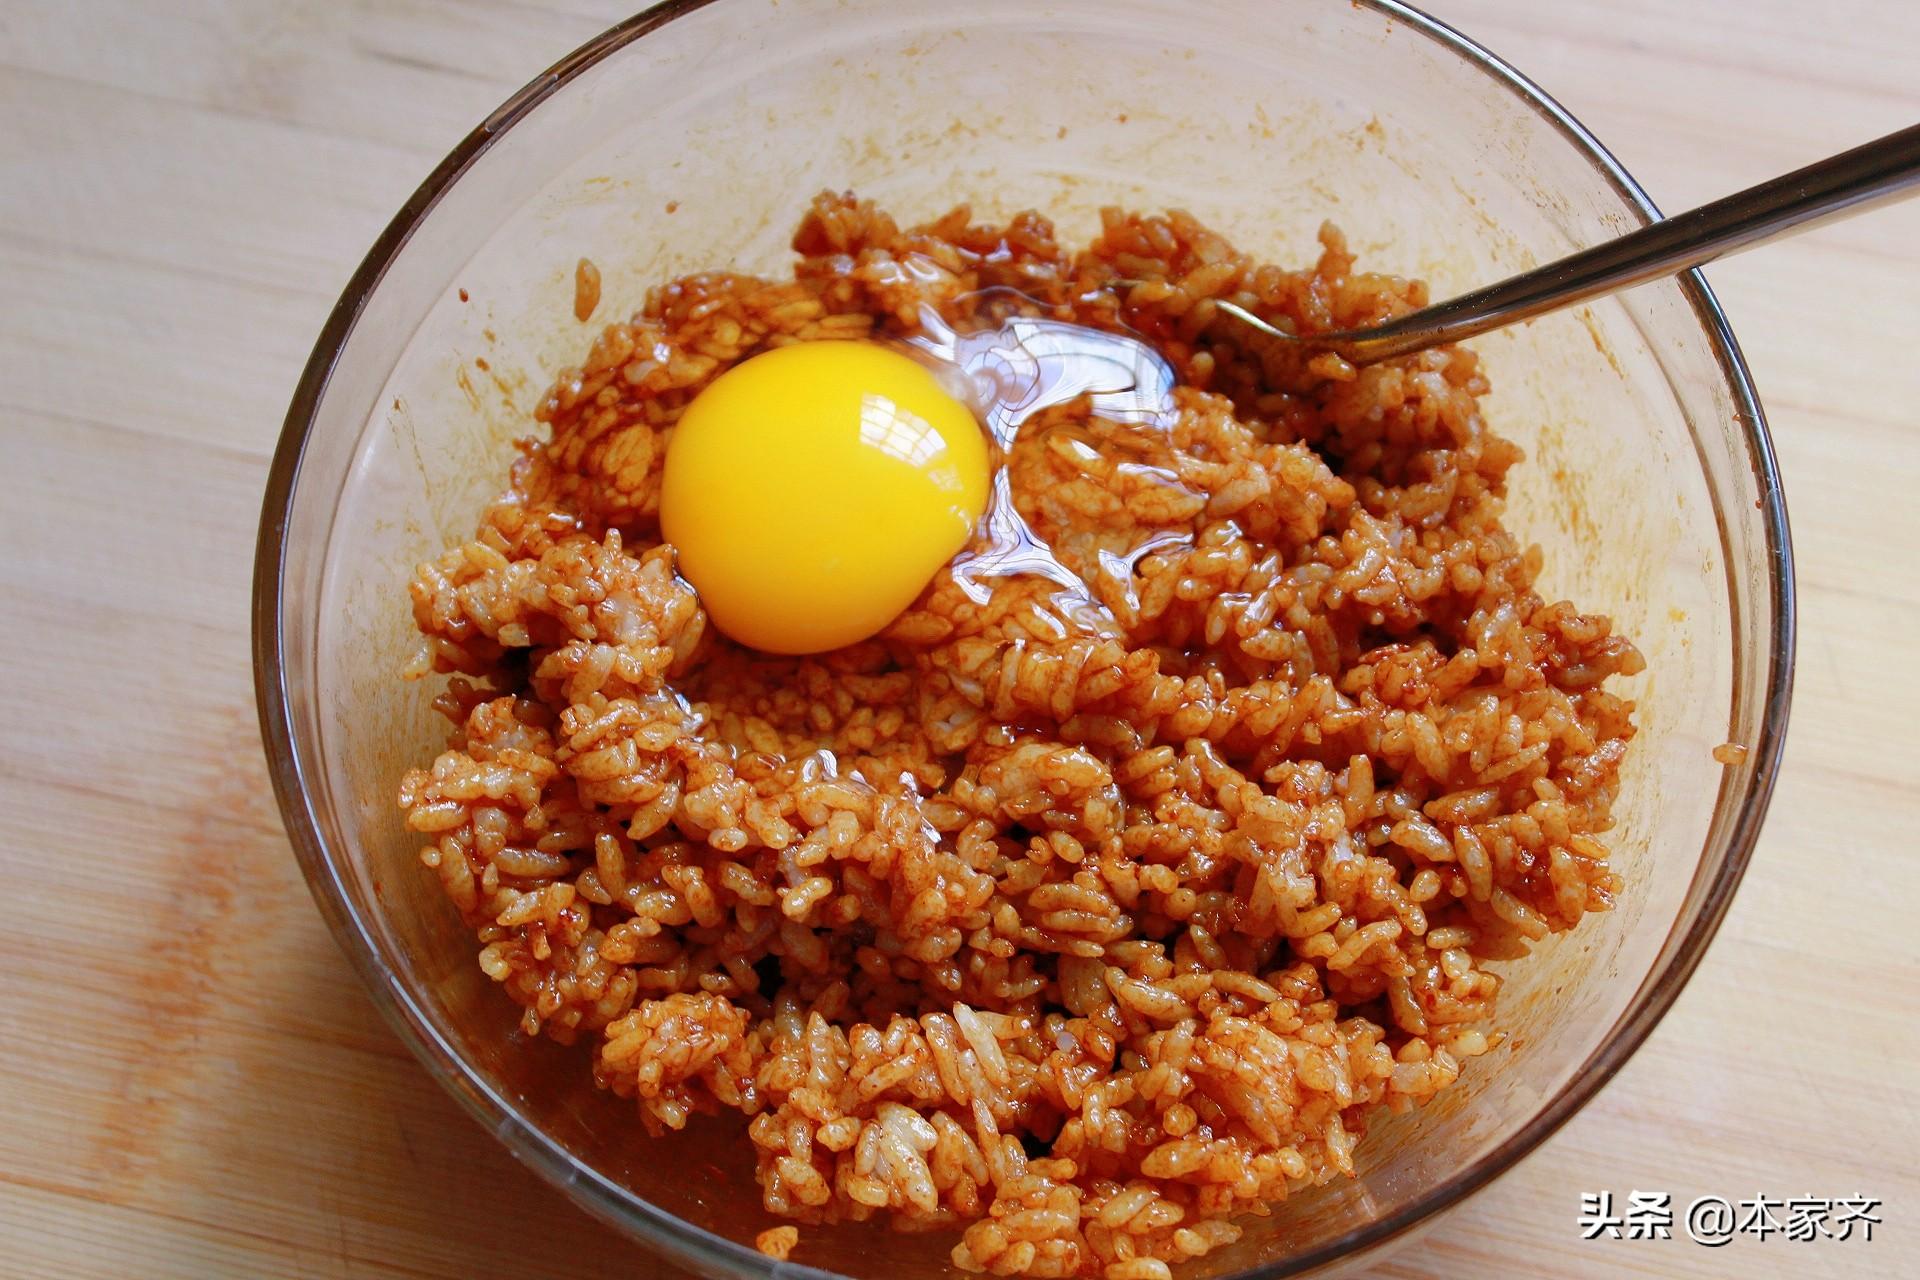 比揚州炒飯還好吃的炒米飯,粒粒鬆散,香氣四溢,好吃到舔盤